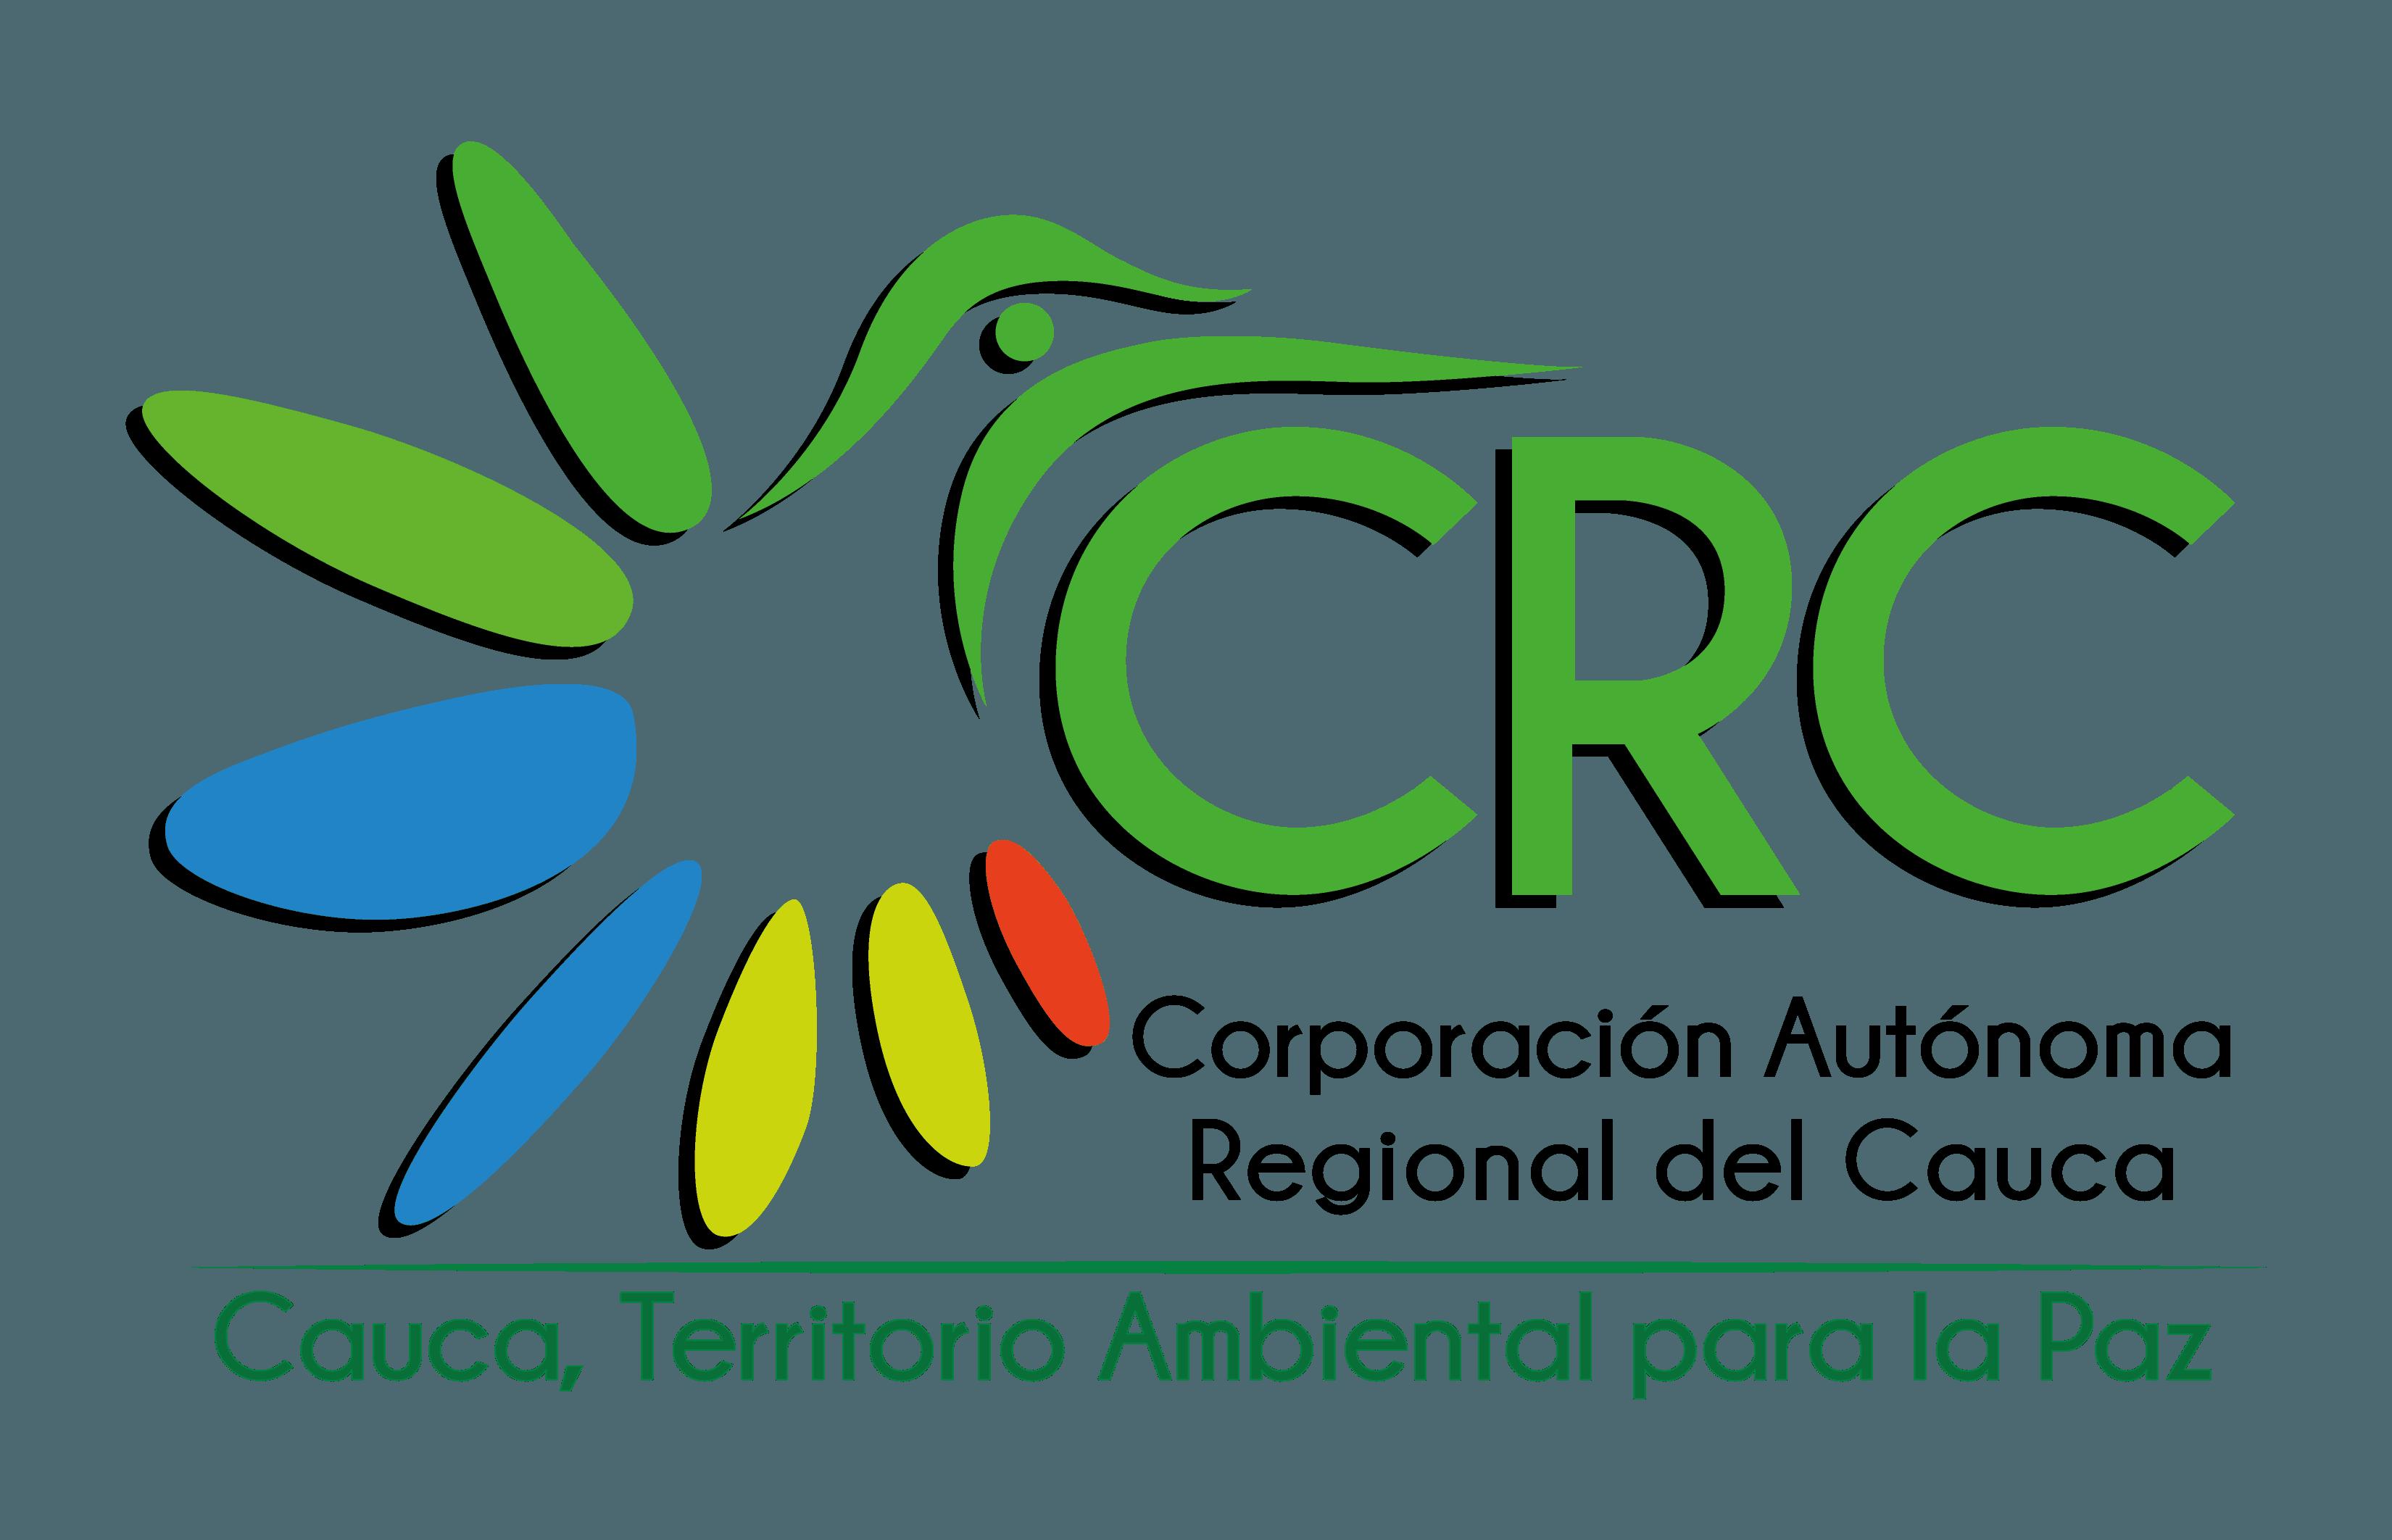 Corporación Autónoma Regional del Cauca